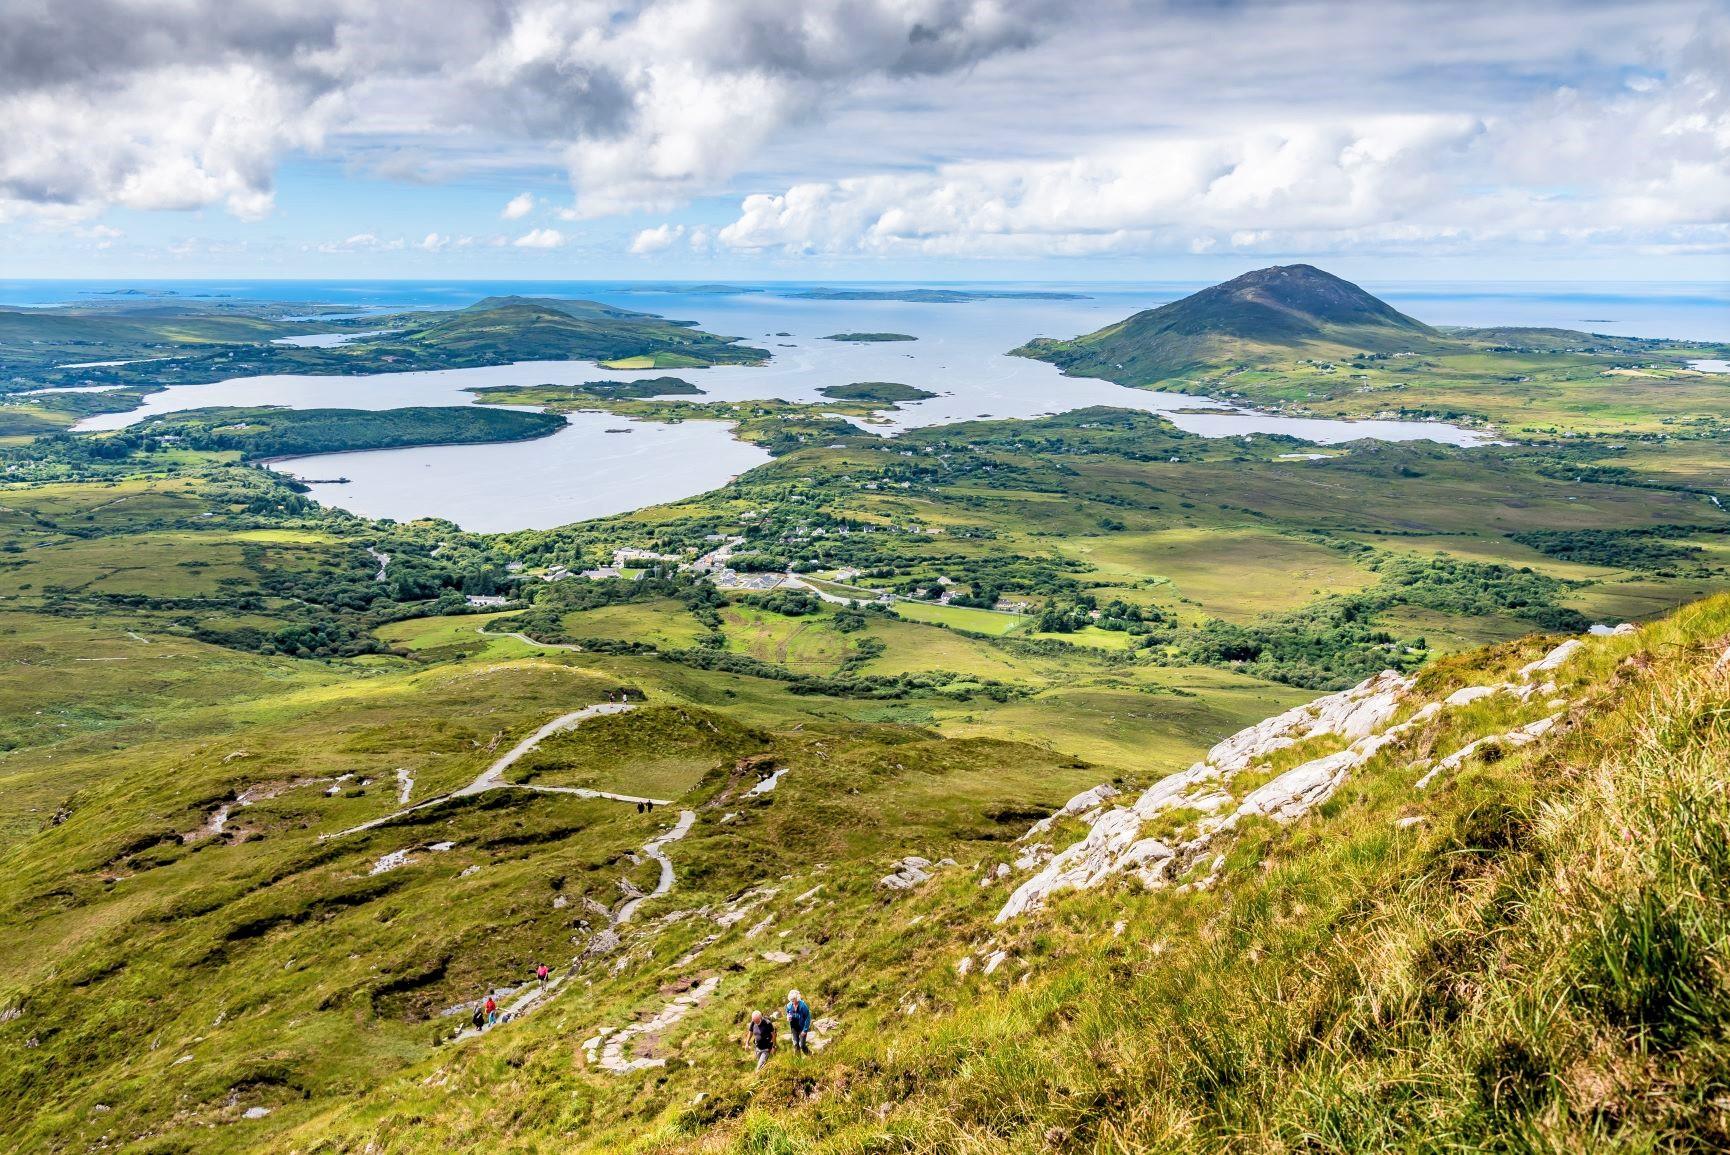 コネマラ国立公園のダイヤモンド・ヒルからの下り、地平線まで広がる雄大な風景がアイルランドの大きな魅力(5日目)